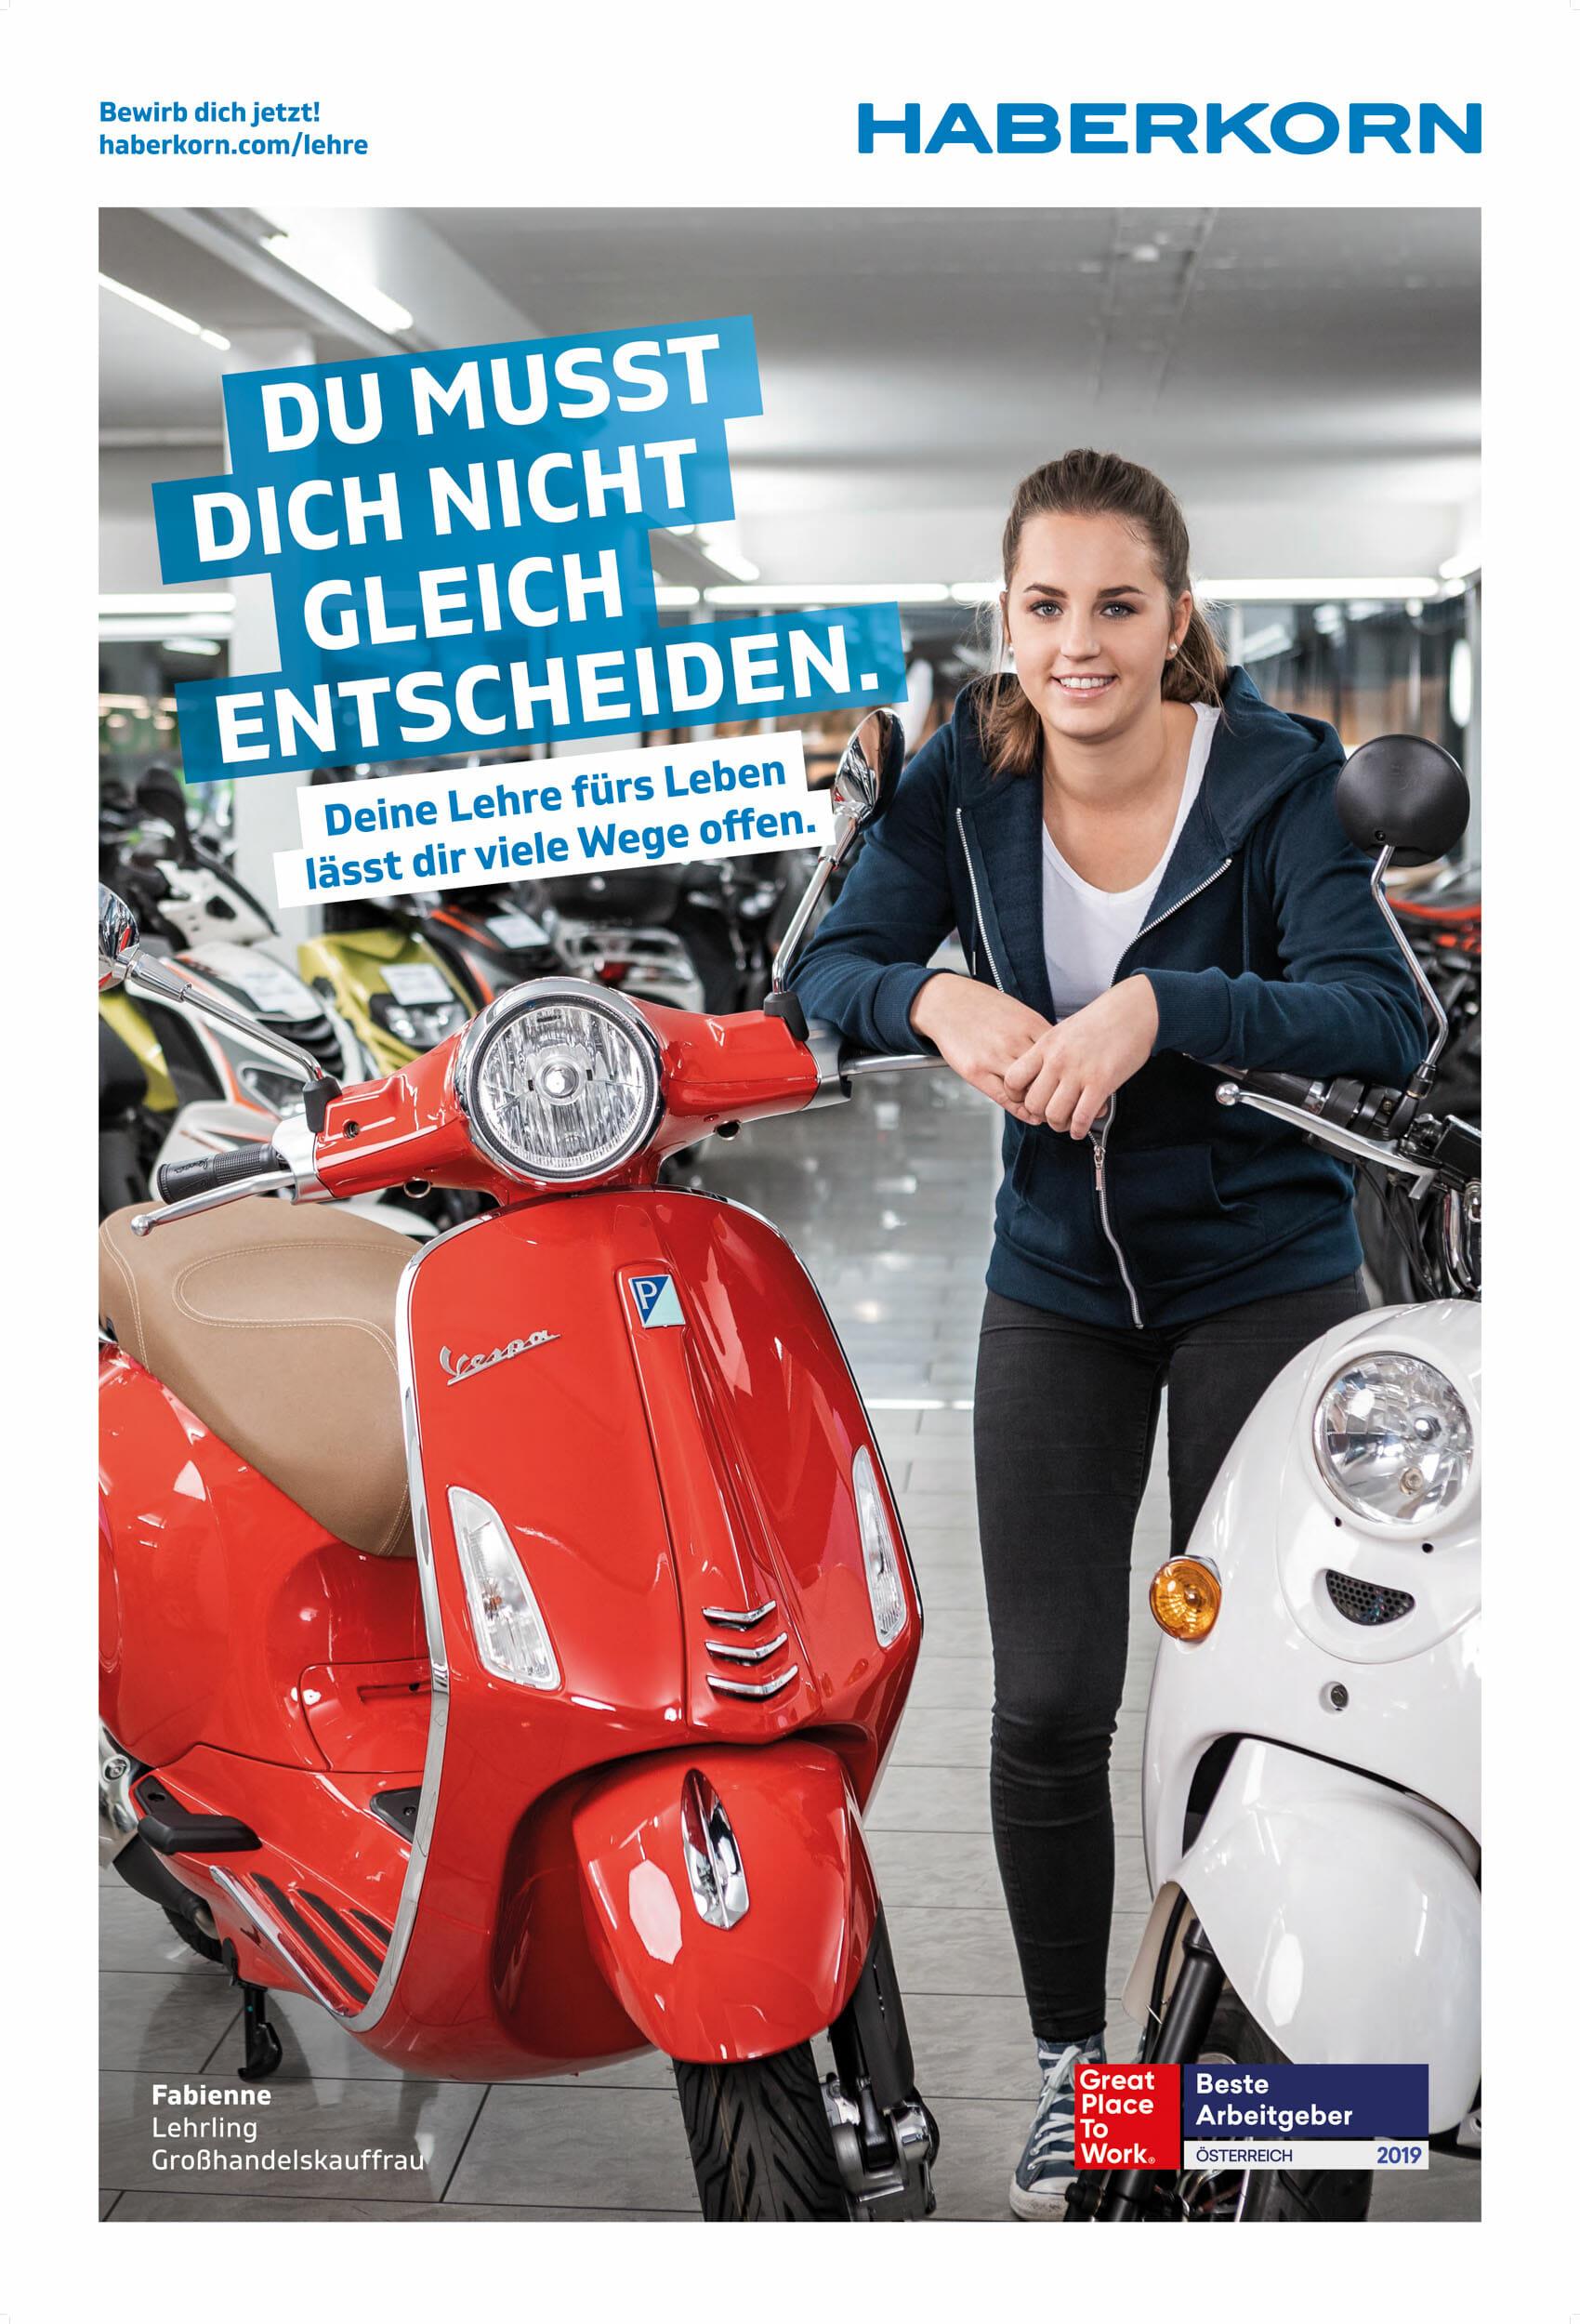 Der Bregenzer Industriefotograf Luca Fasching fotografierte für Haberkorn die aktuelle Lehrlingskampage